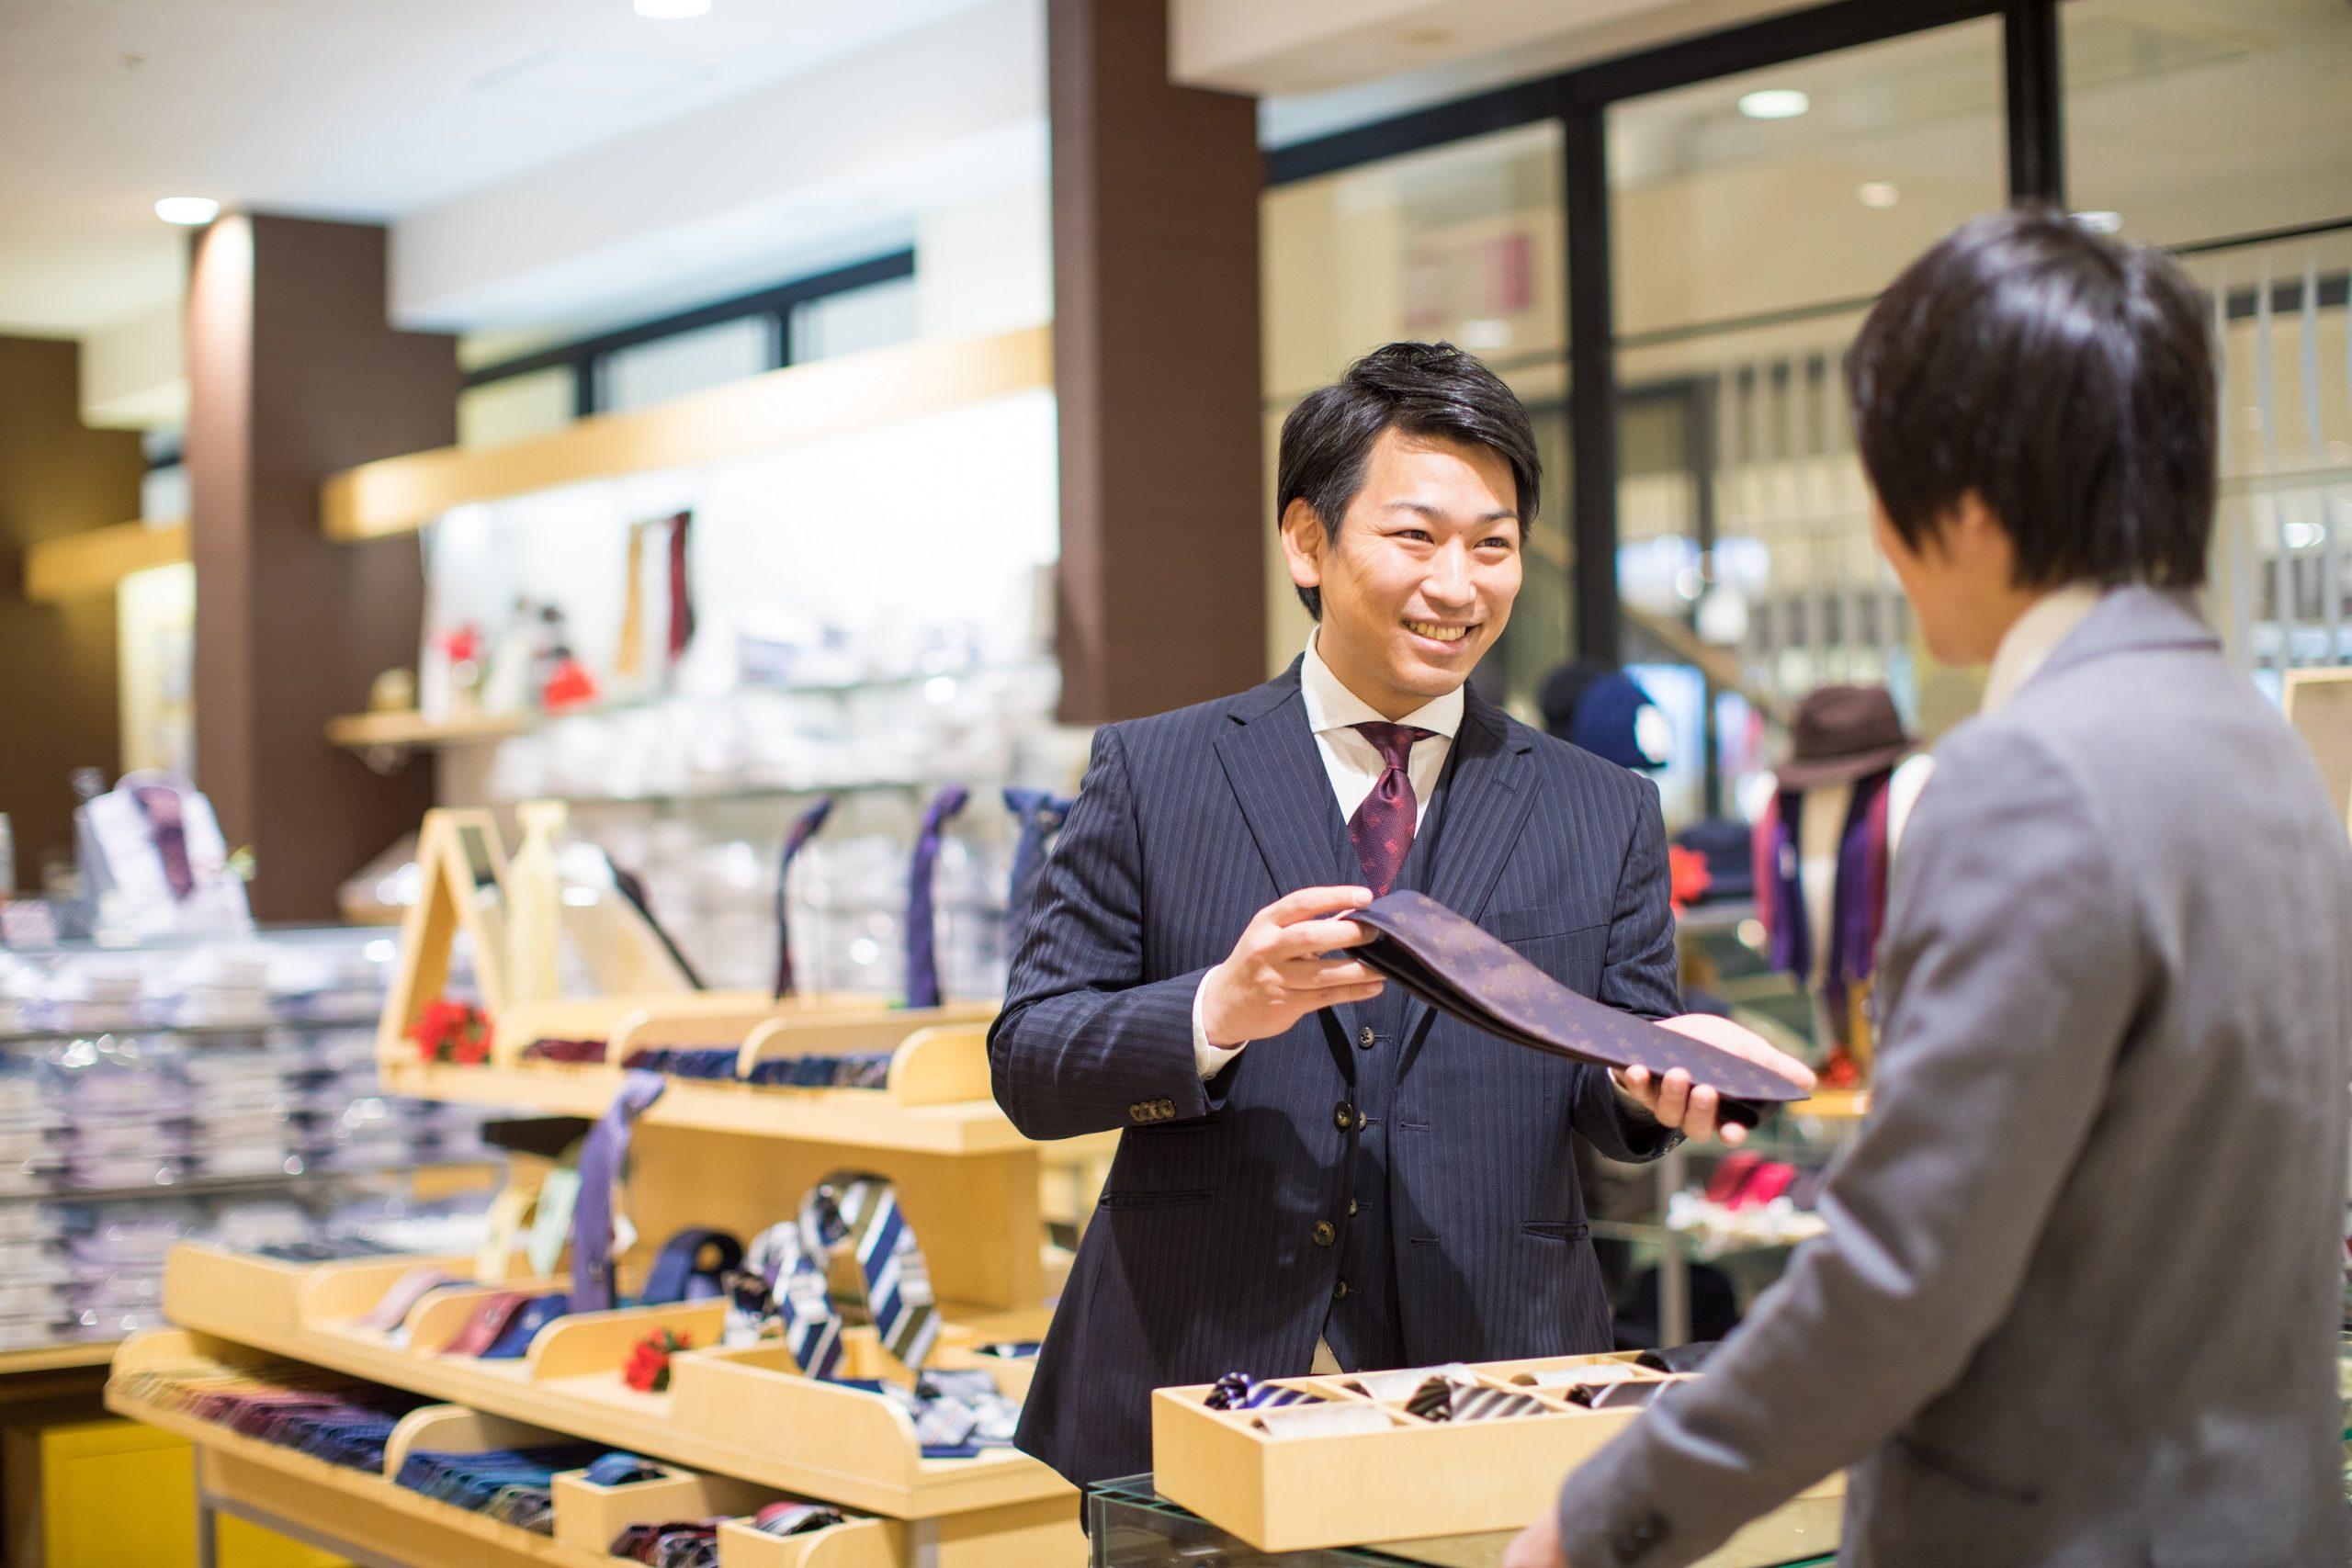 3代目は新進気鋭のネクタイ職人。お客も作り手も幸せになる縫製で未開の地を切り開く